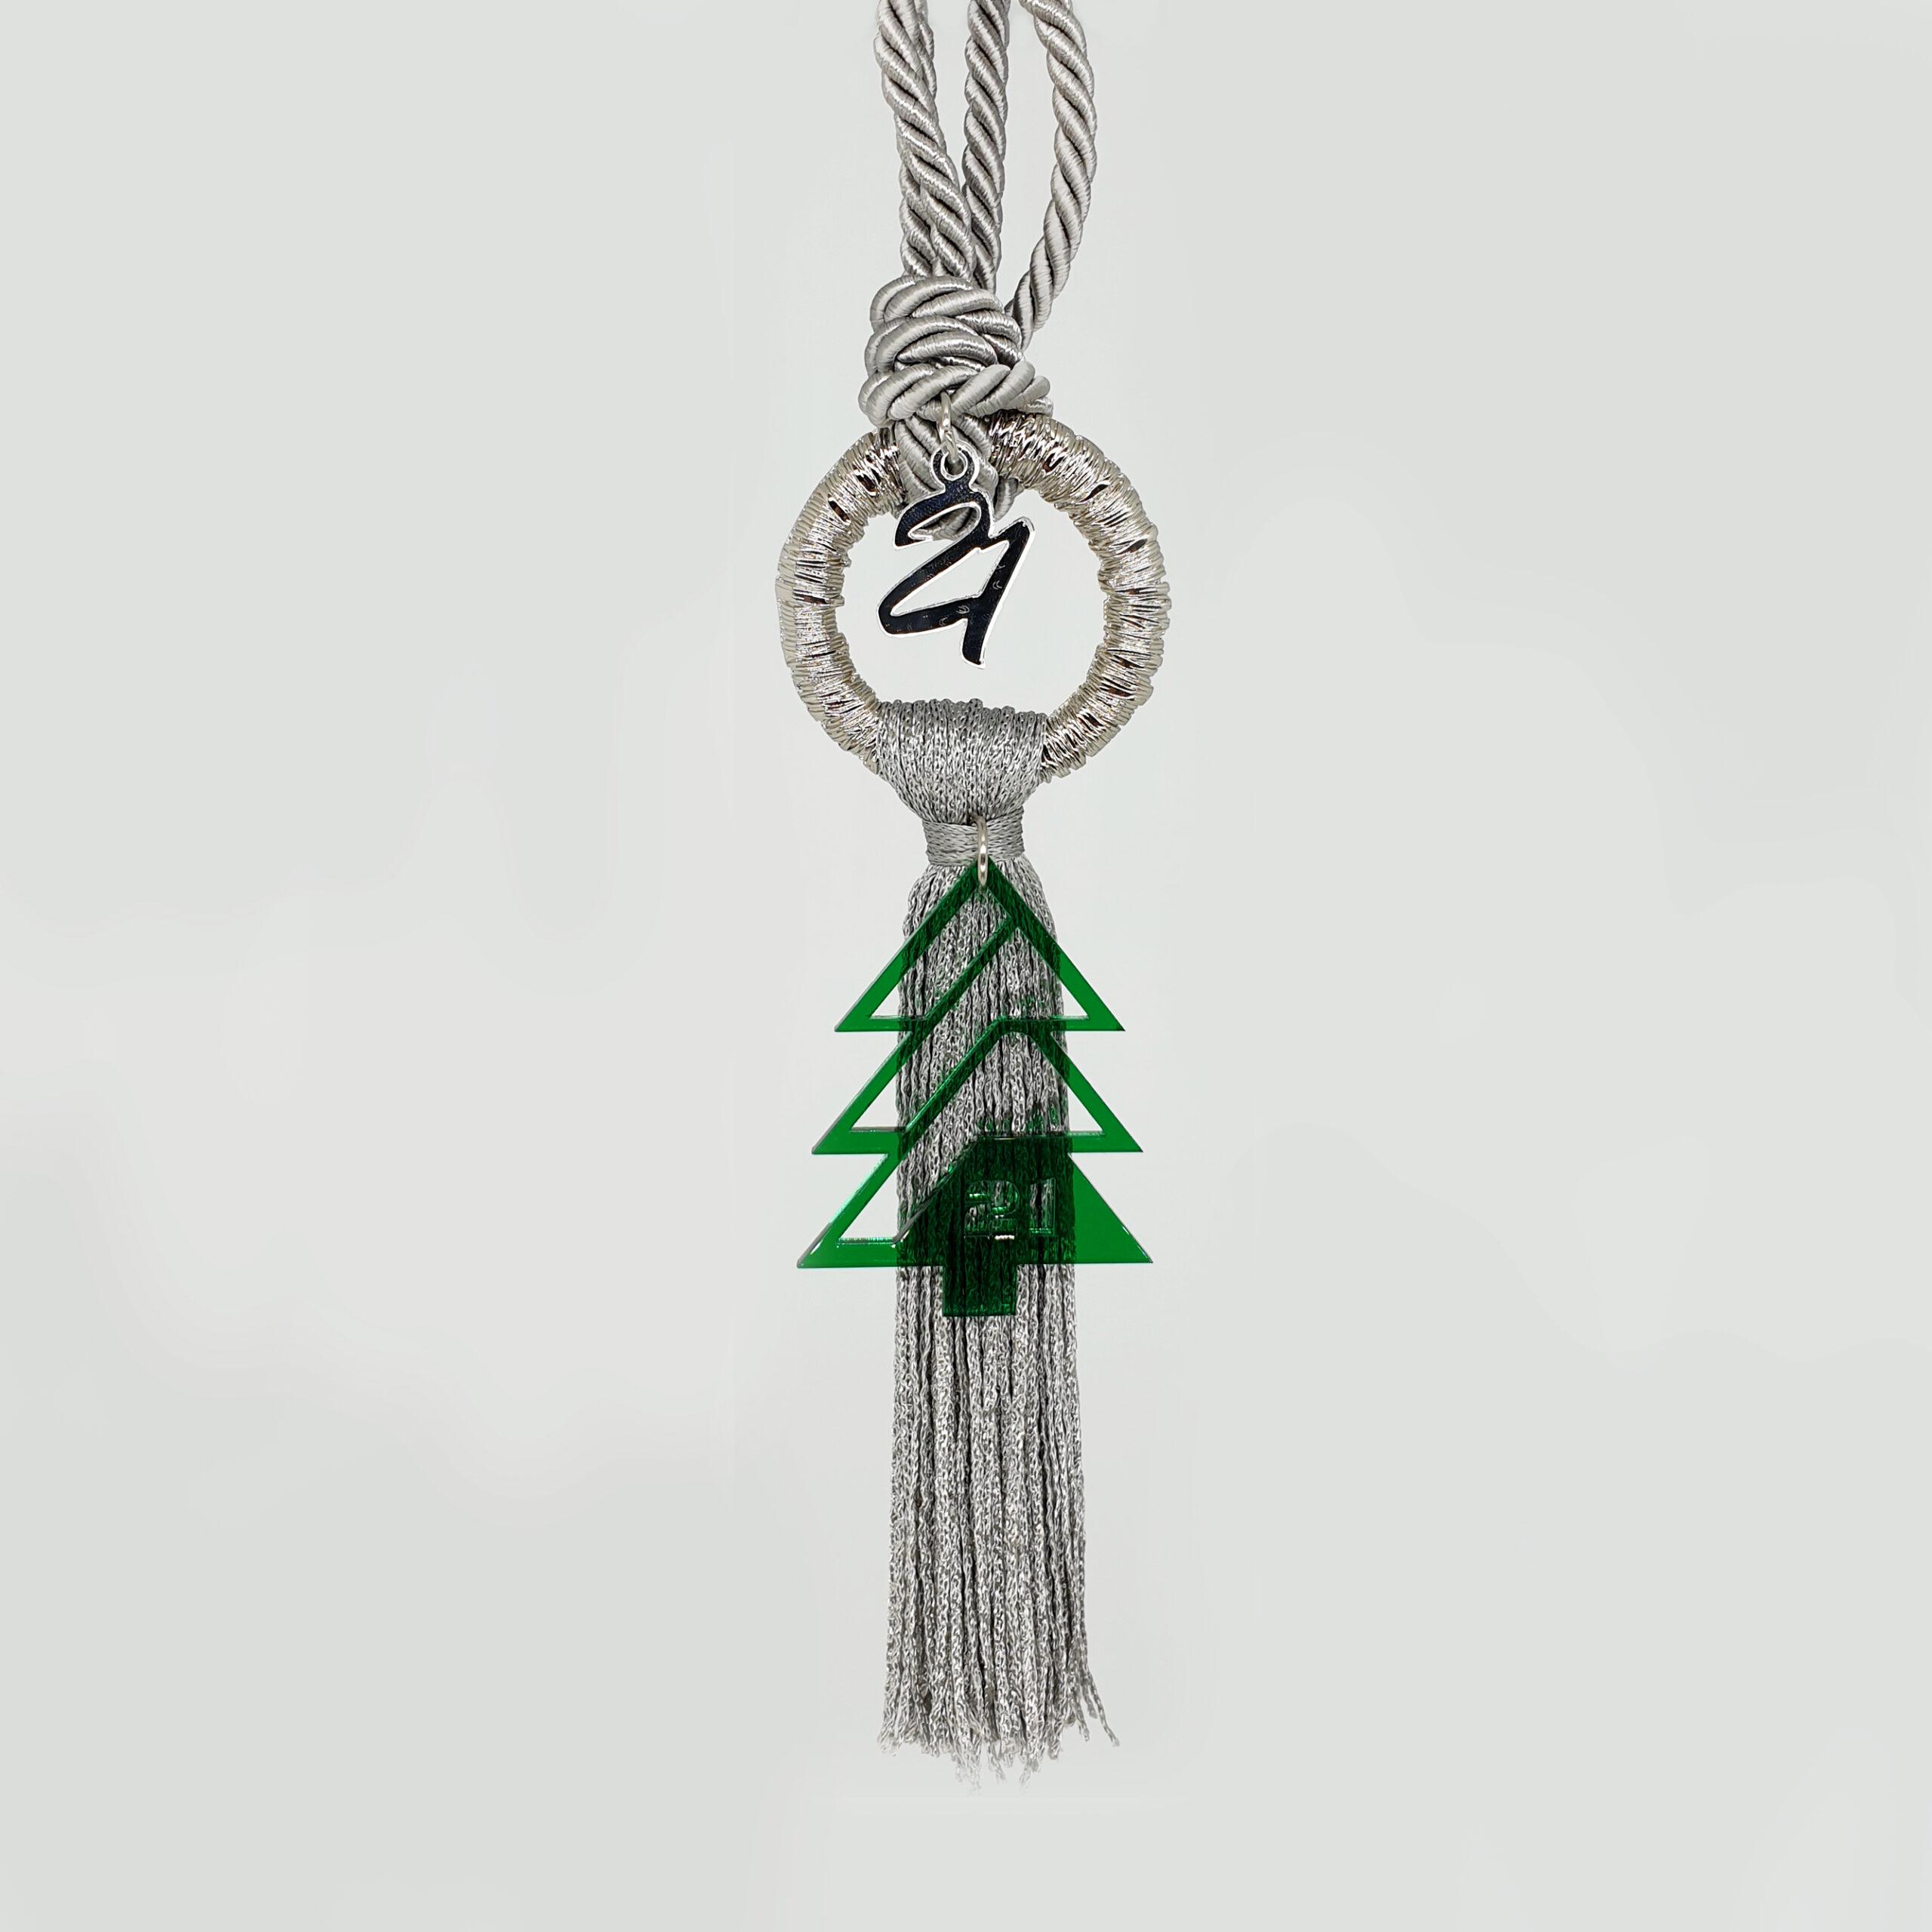 plexiglass-hanging-charm-small-tassel-019-3